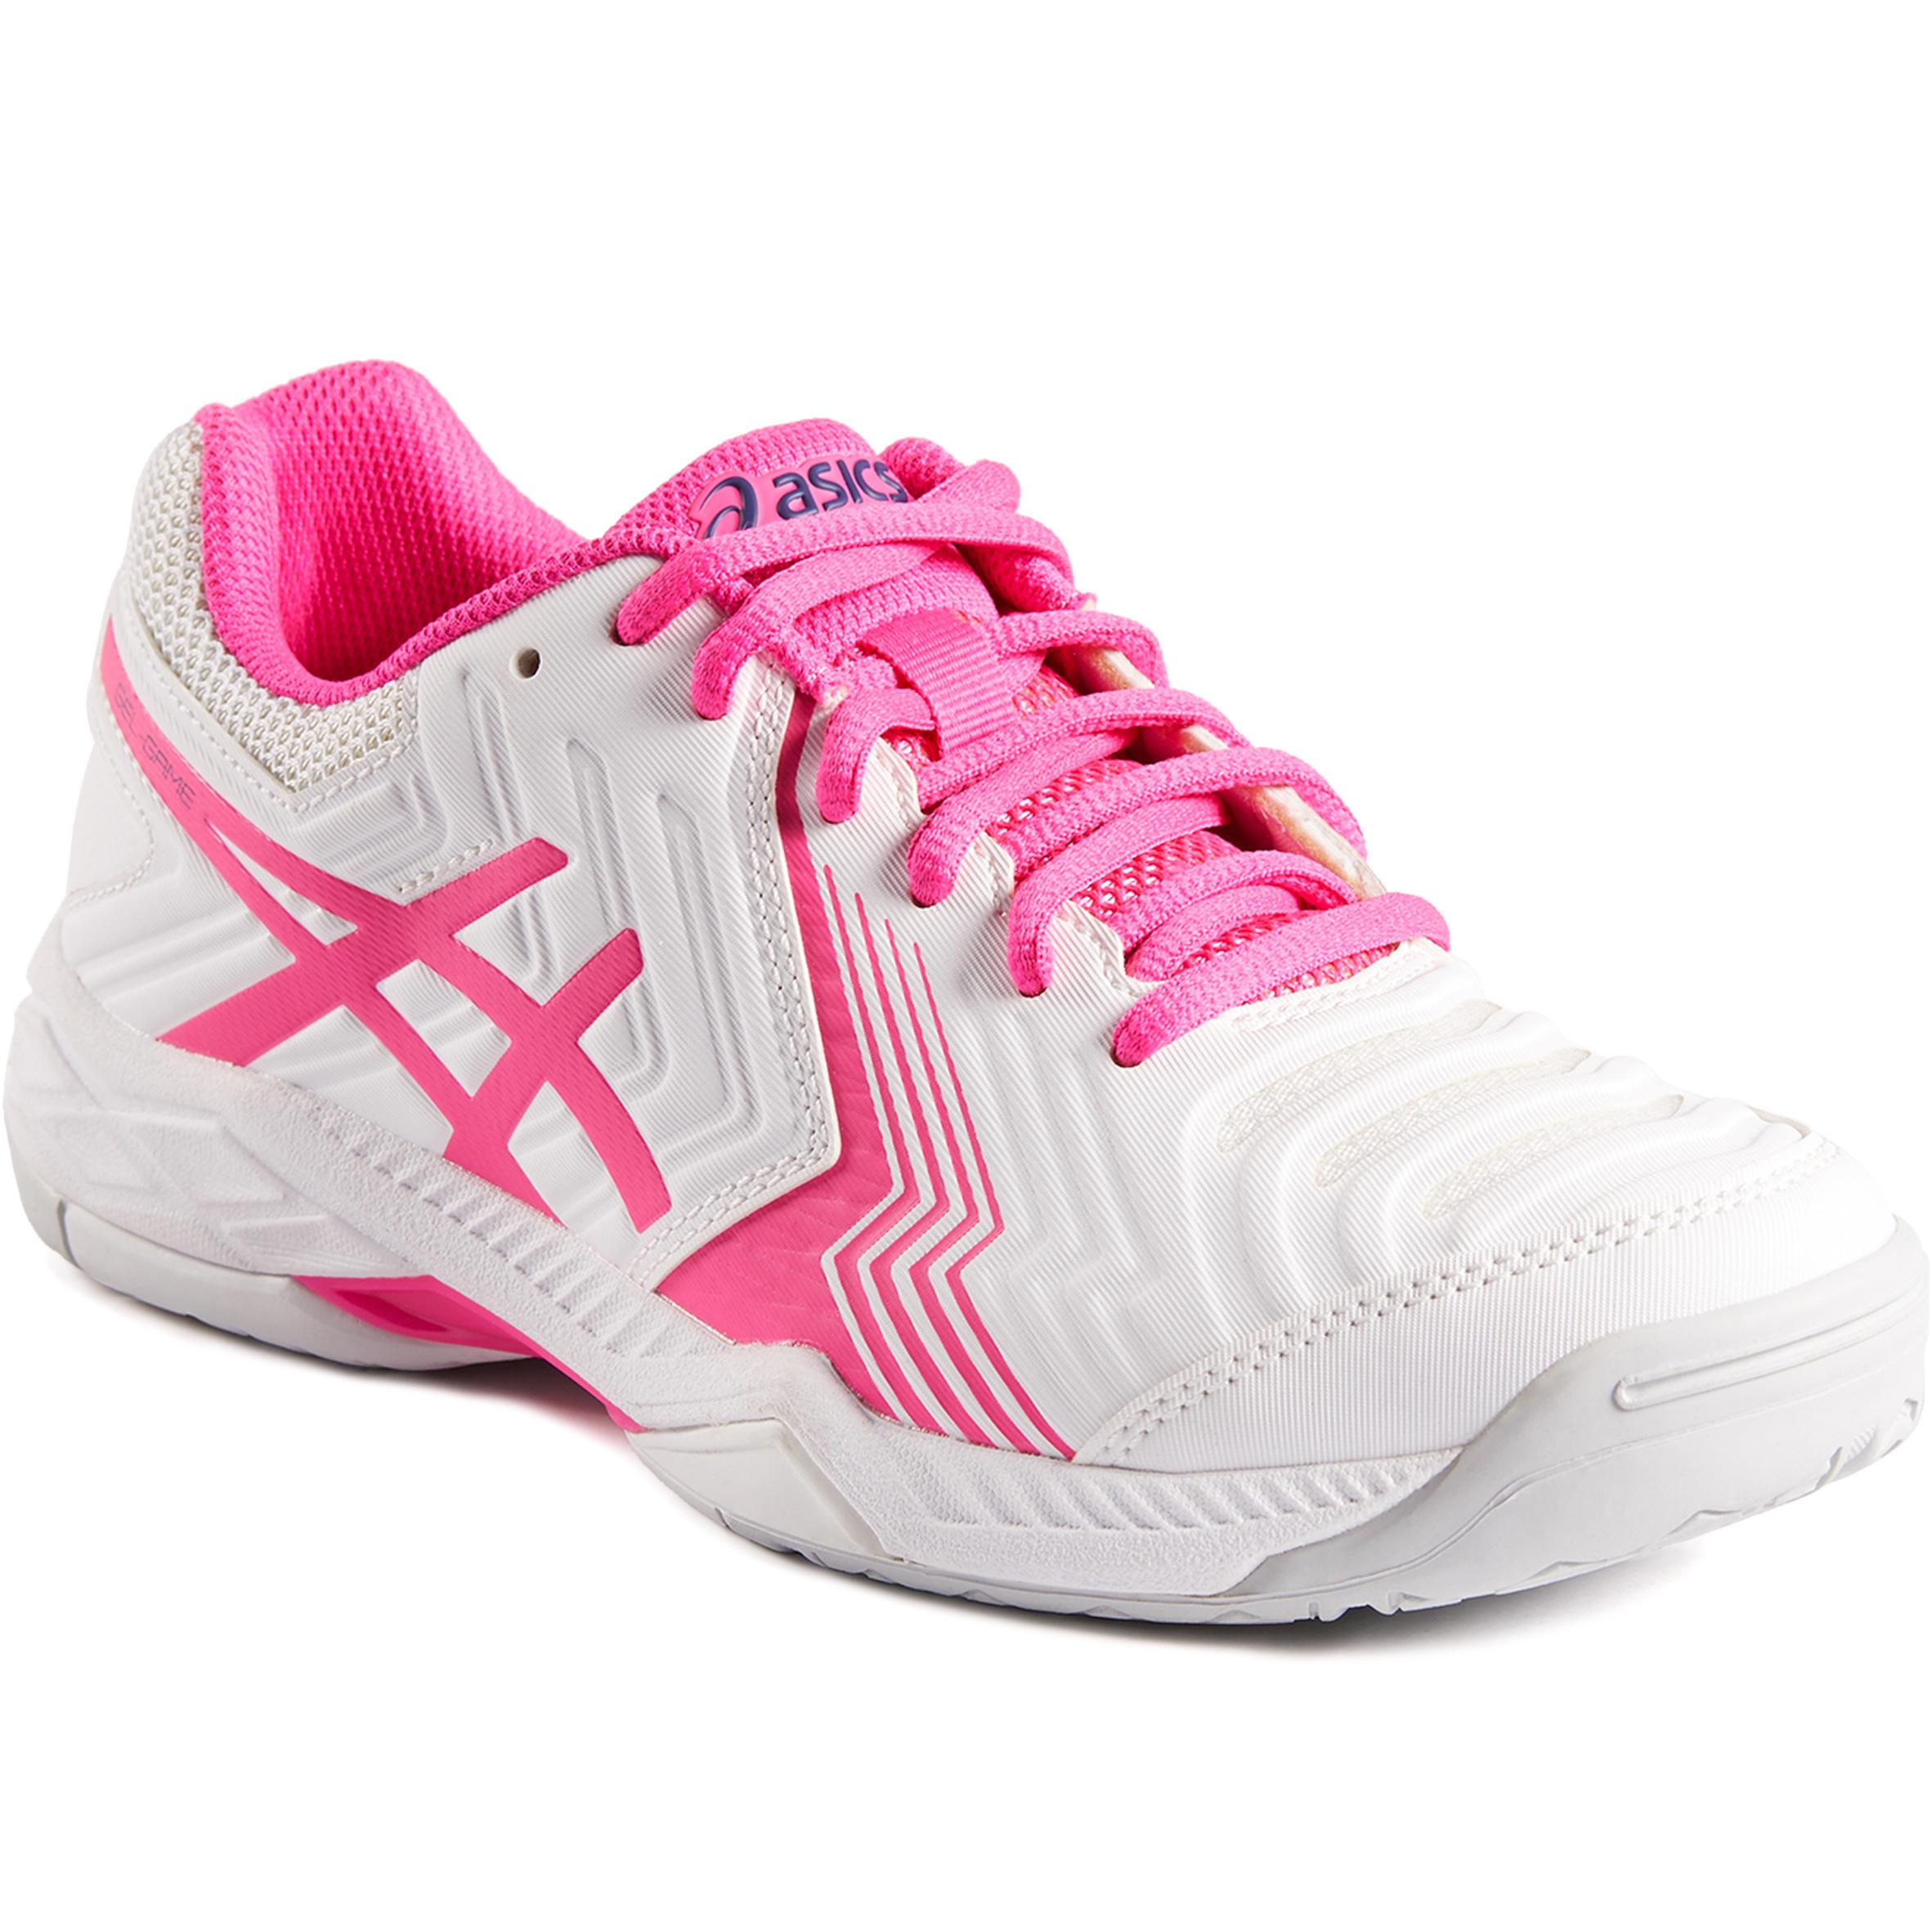 sports shoes 6ee47 4e7c0 Tennisschuhe für Damen online kaufen   Damenmode ...